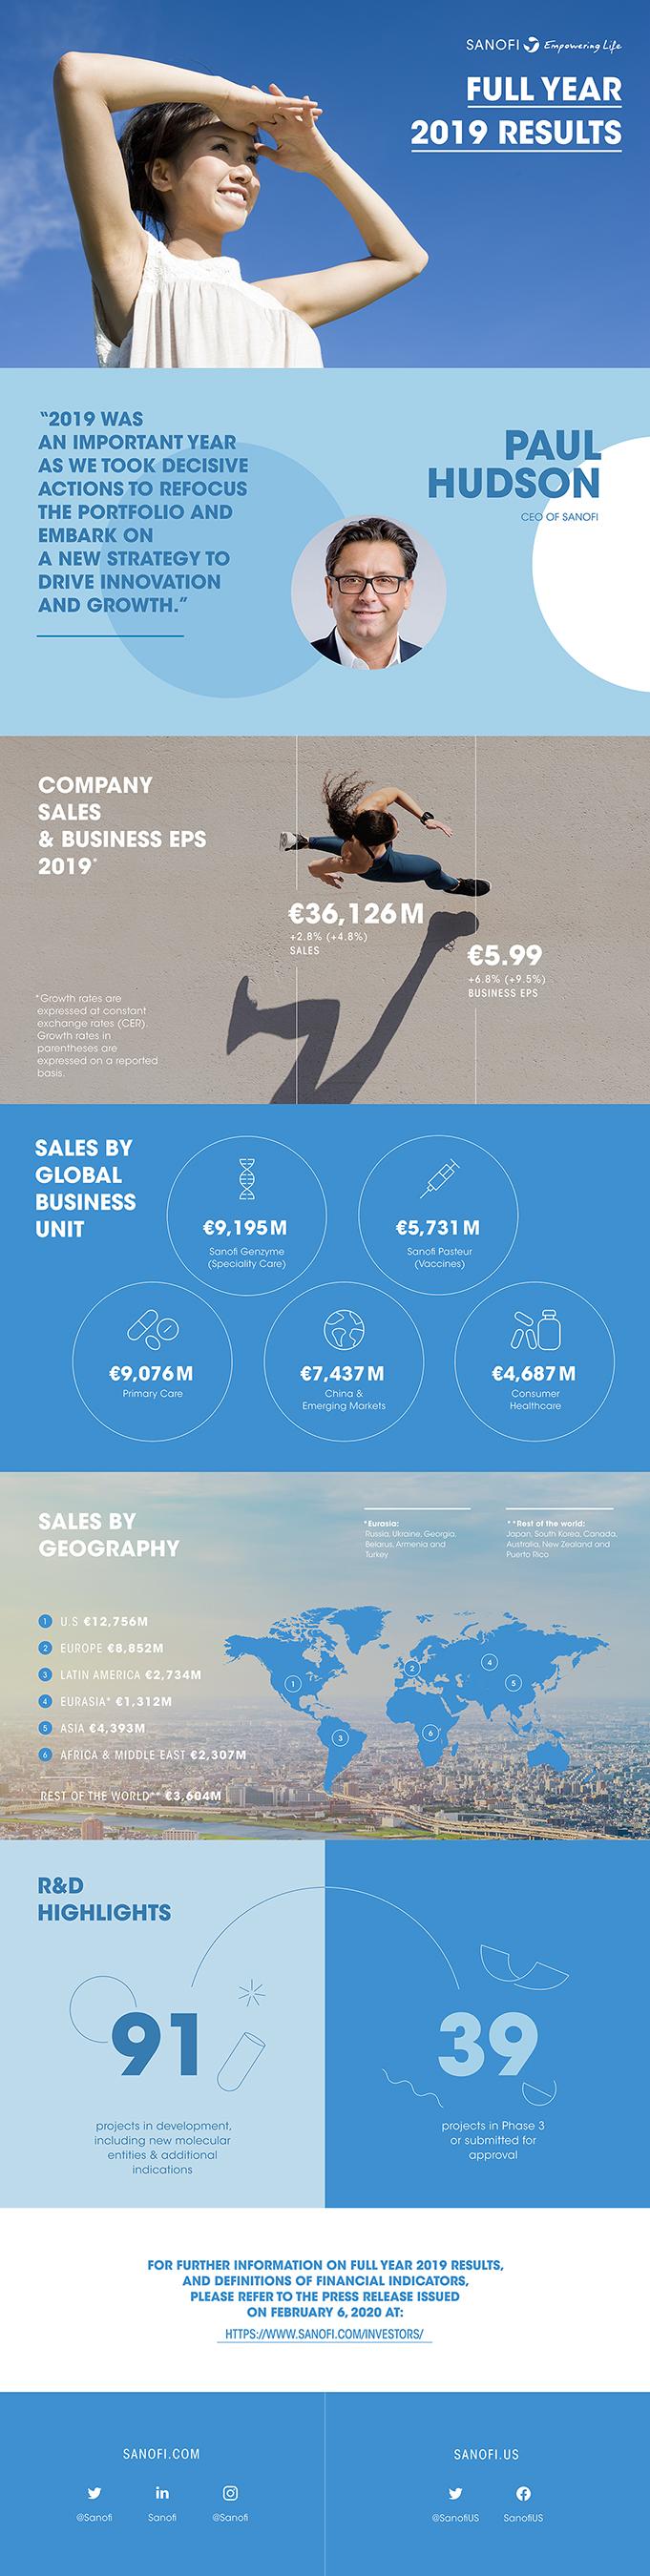 Sanofi 2019 Annual Results Infographic